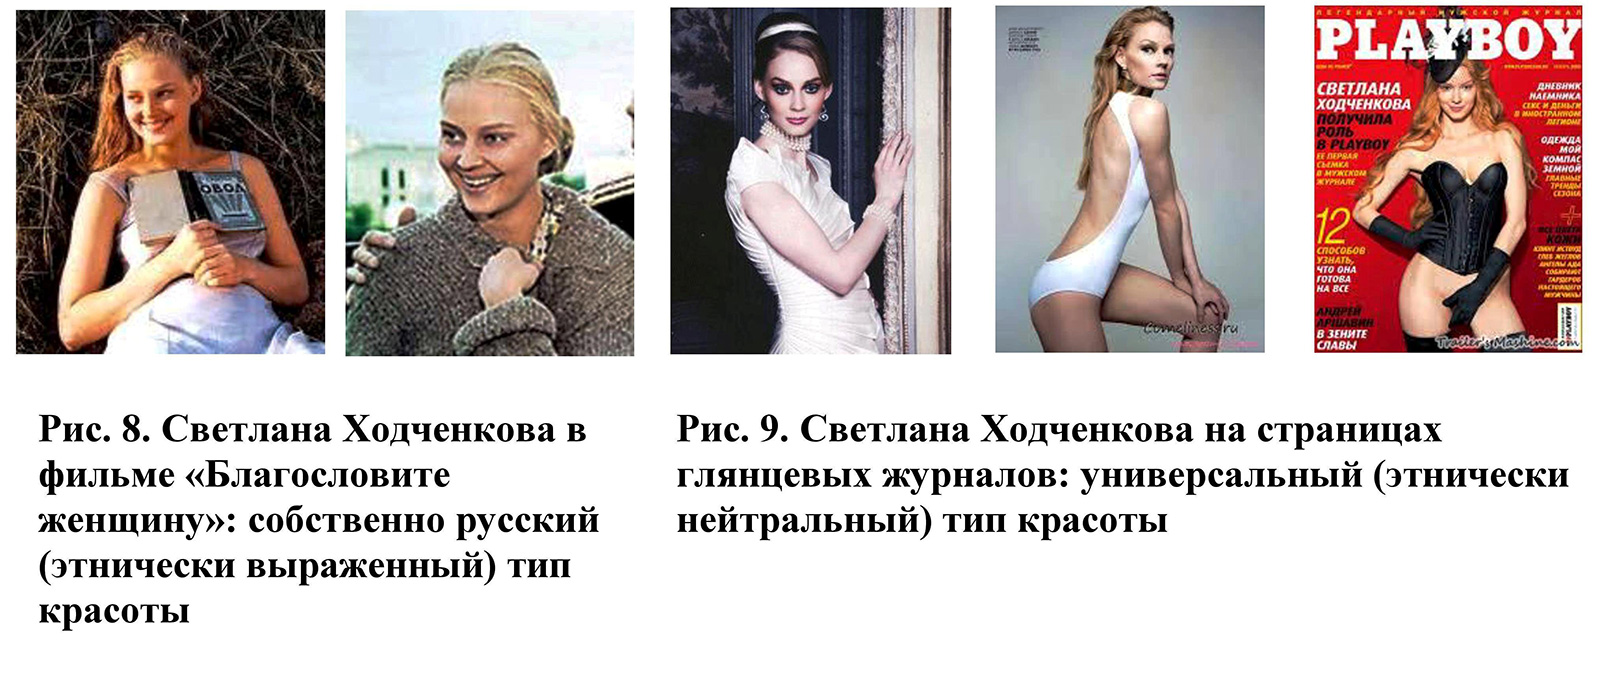 Русская блондинка и иностранец фото 497-722